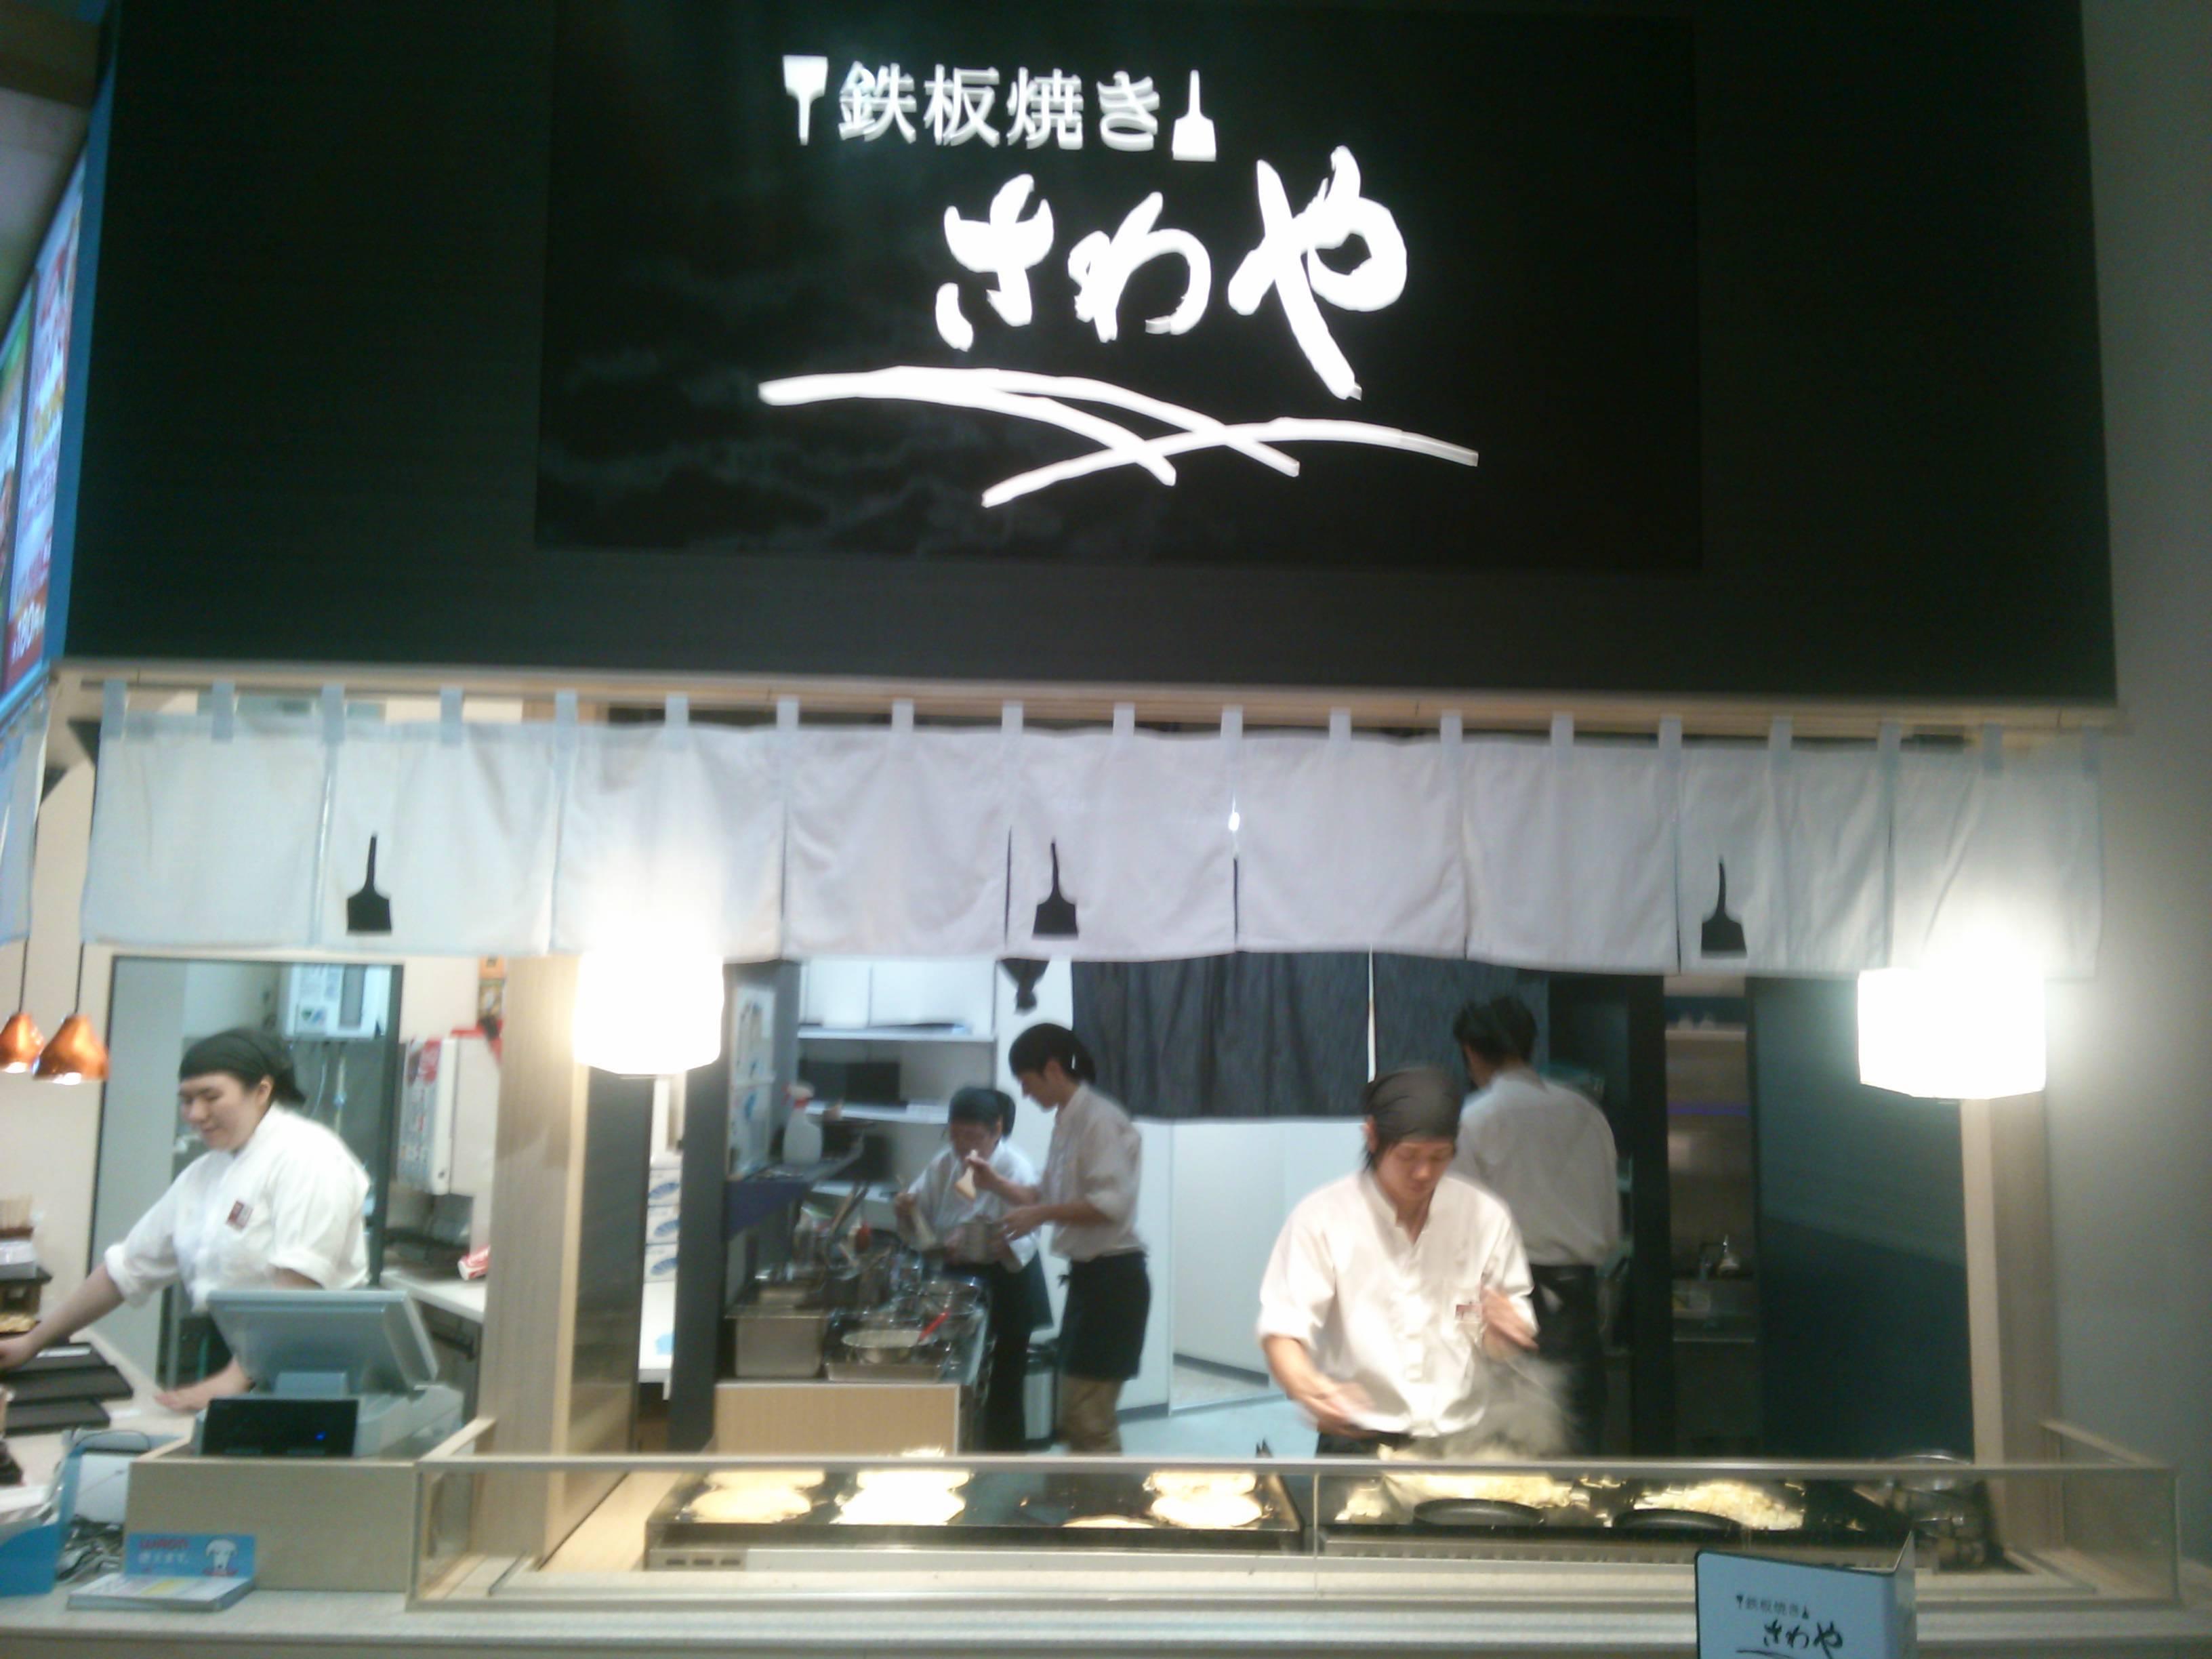 鉄板焼き さわや 名古屋茶屋店